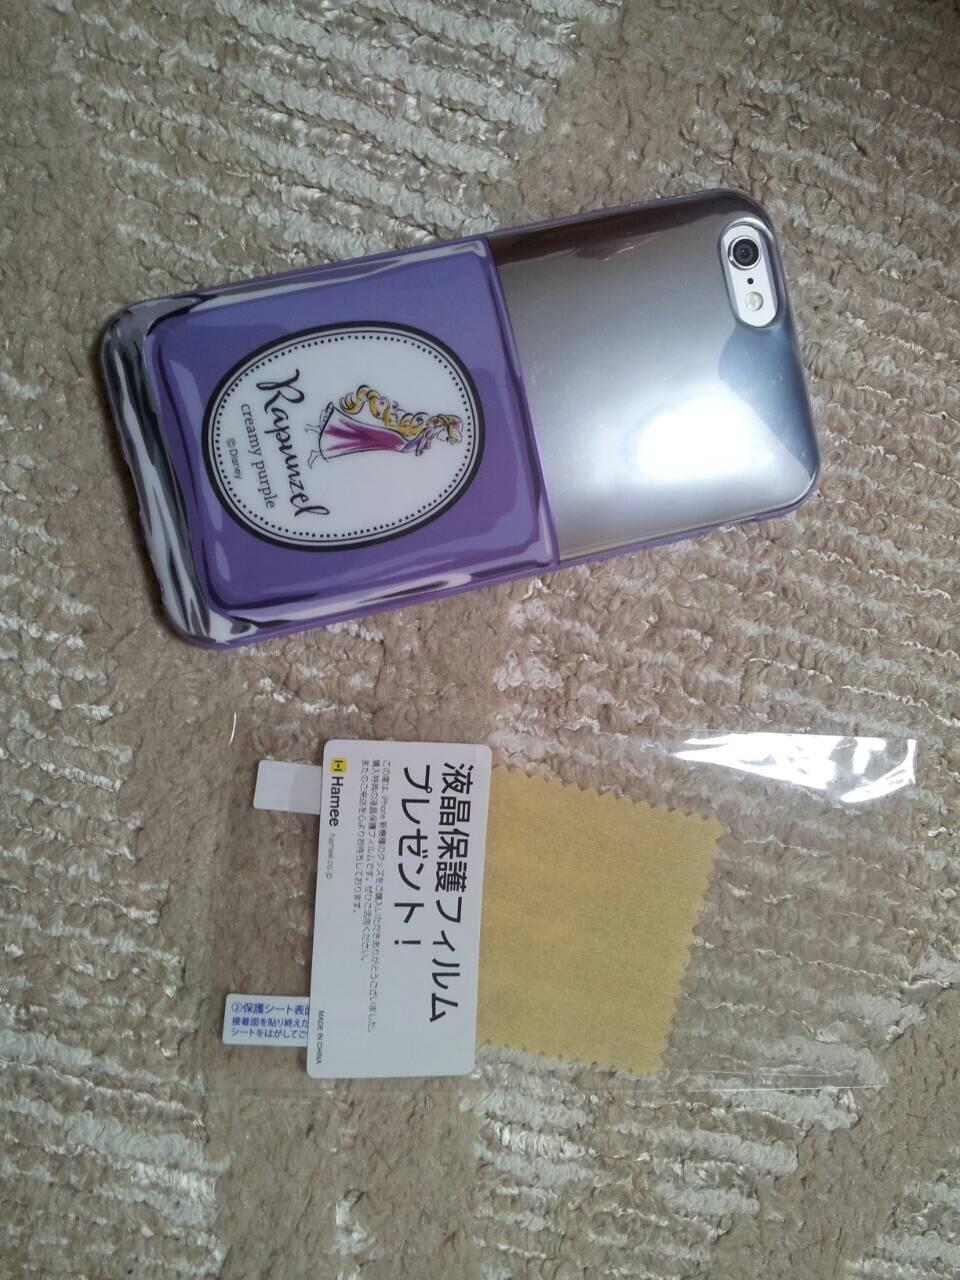 49f643f24c Iphone5 ケース マニキュア